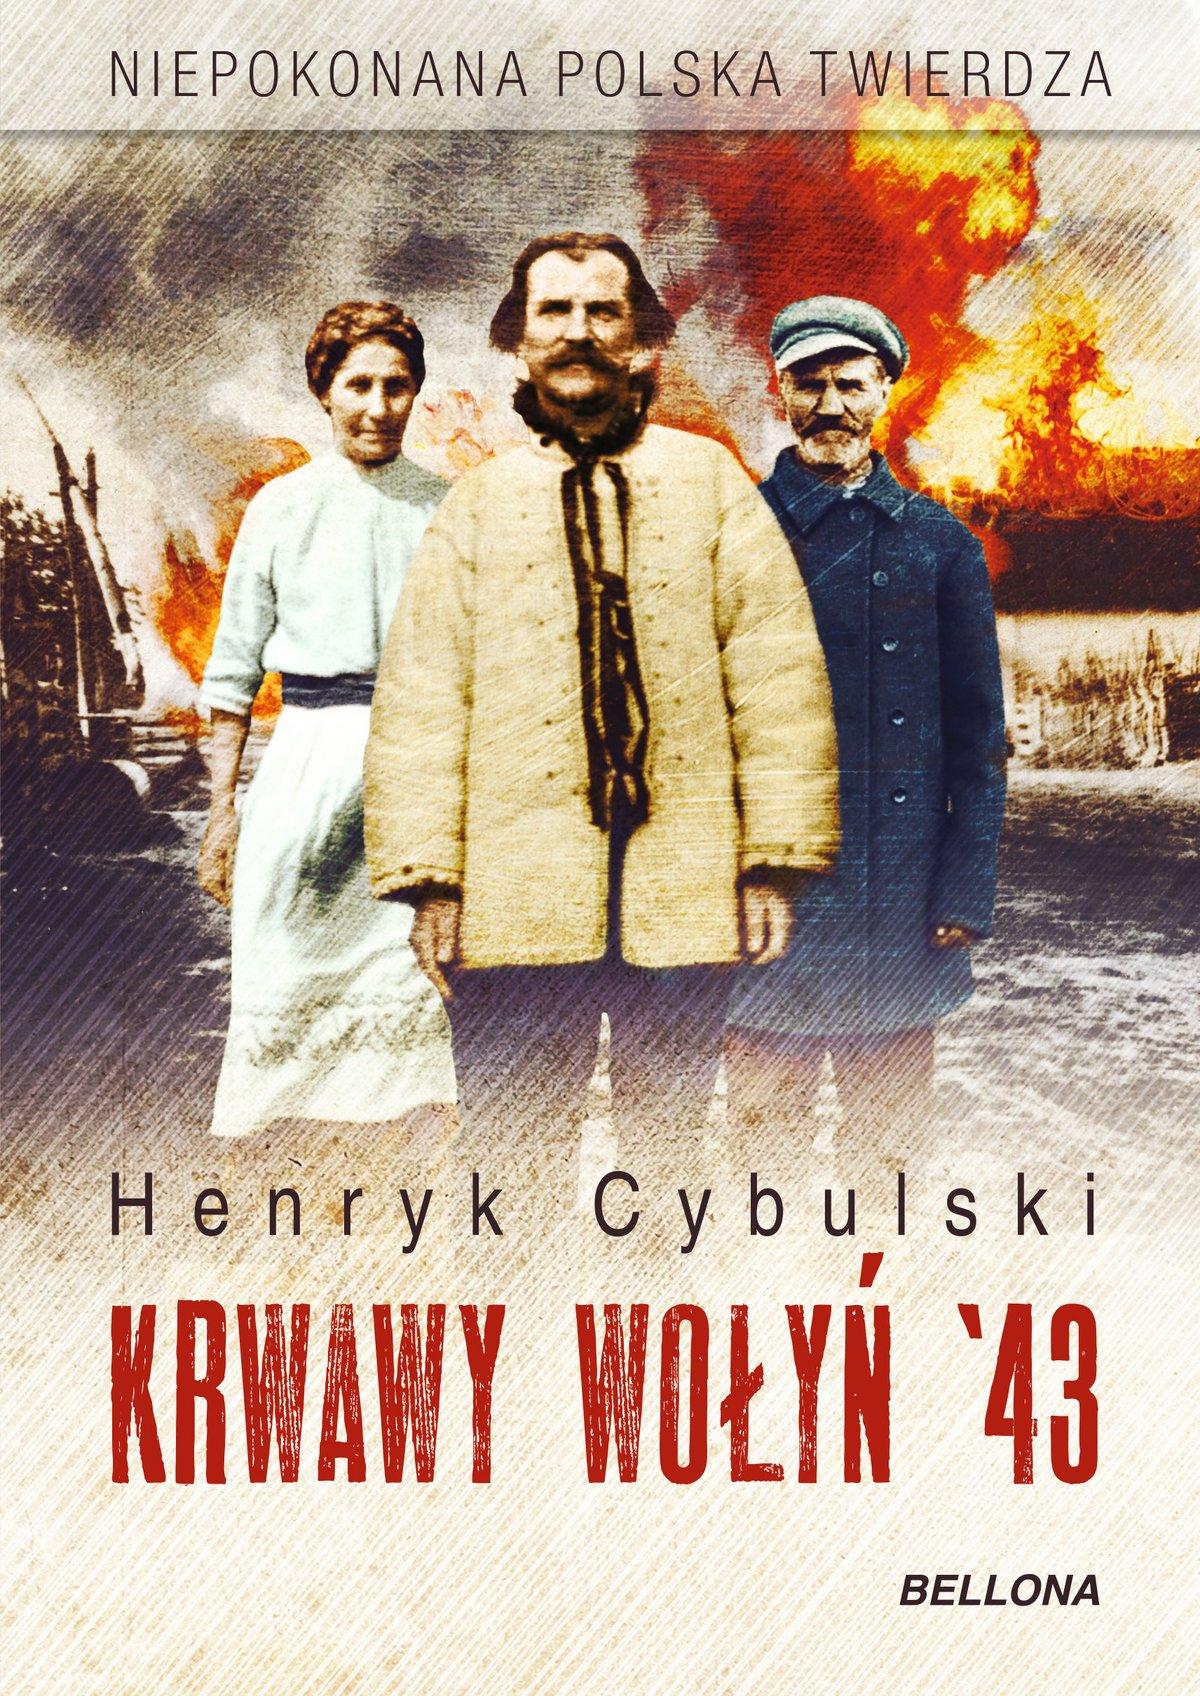 Krwawy Wołyń 43 - Ebook (Książka na Kindle) do pobrania w formacie MOBI